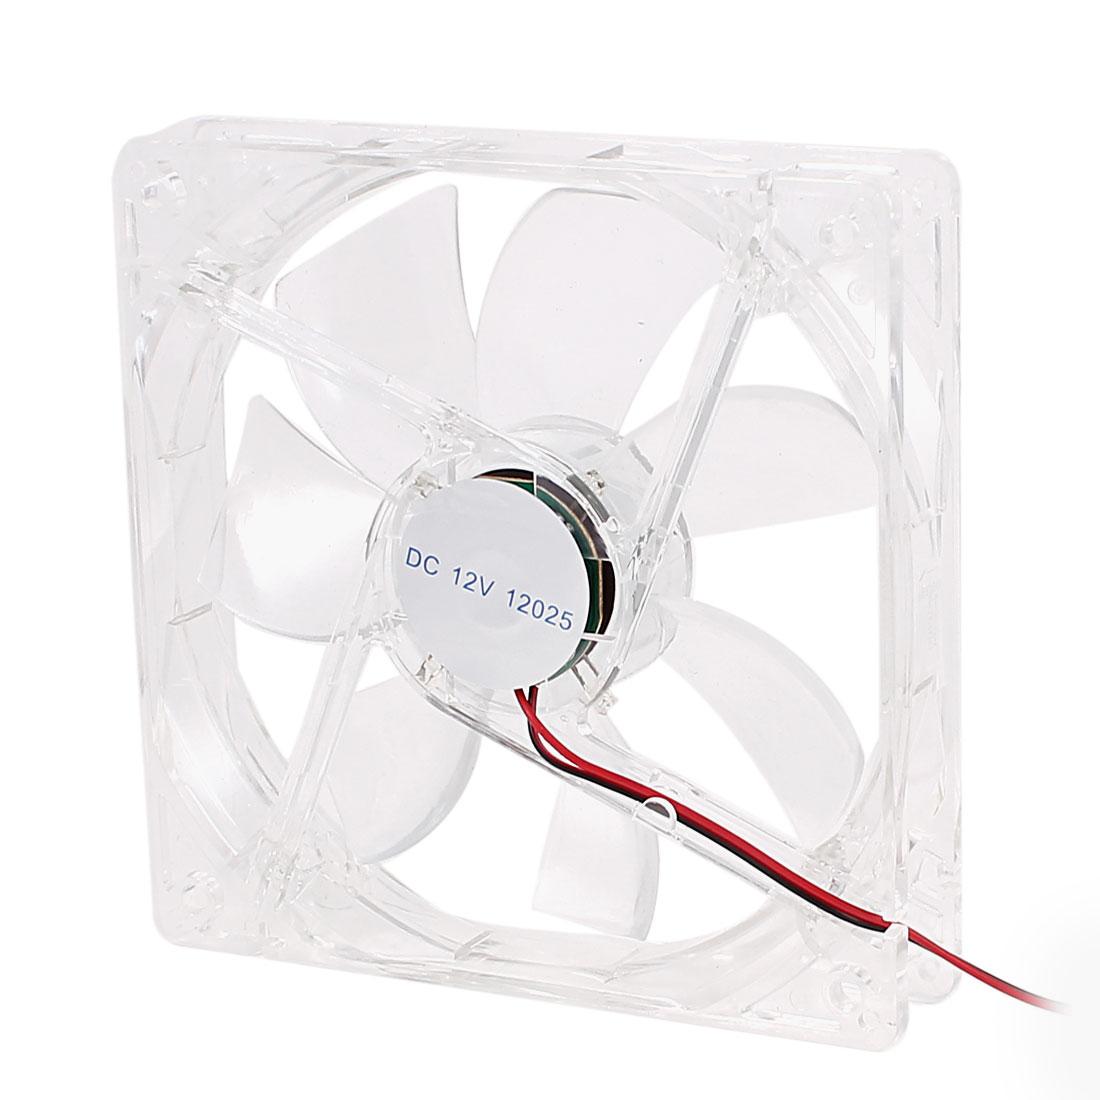 120mm x 25mm DC 12V Double Connectors 4 Multicolor LED Clear PC Fan Cooler